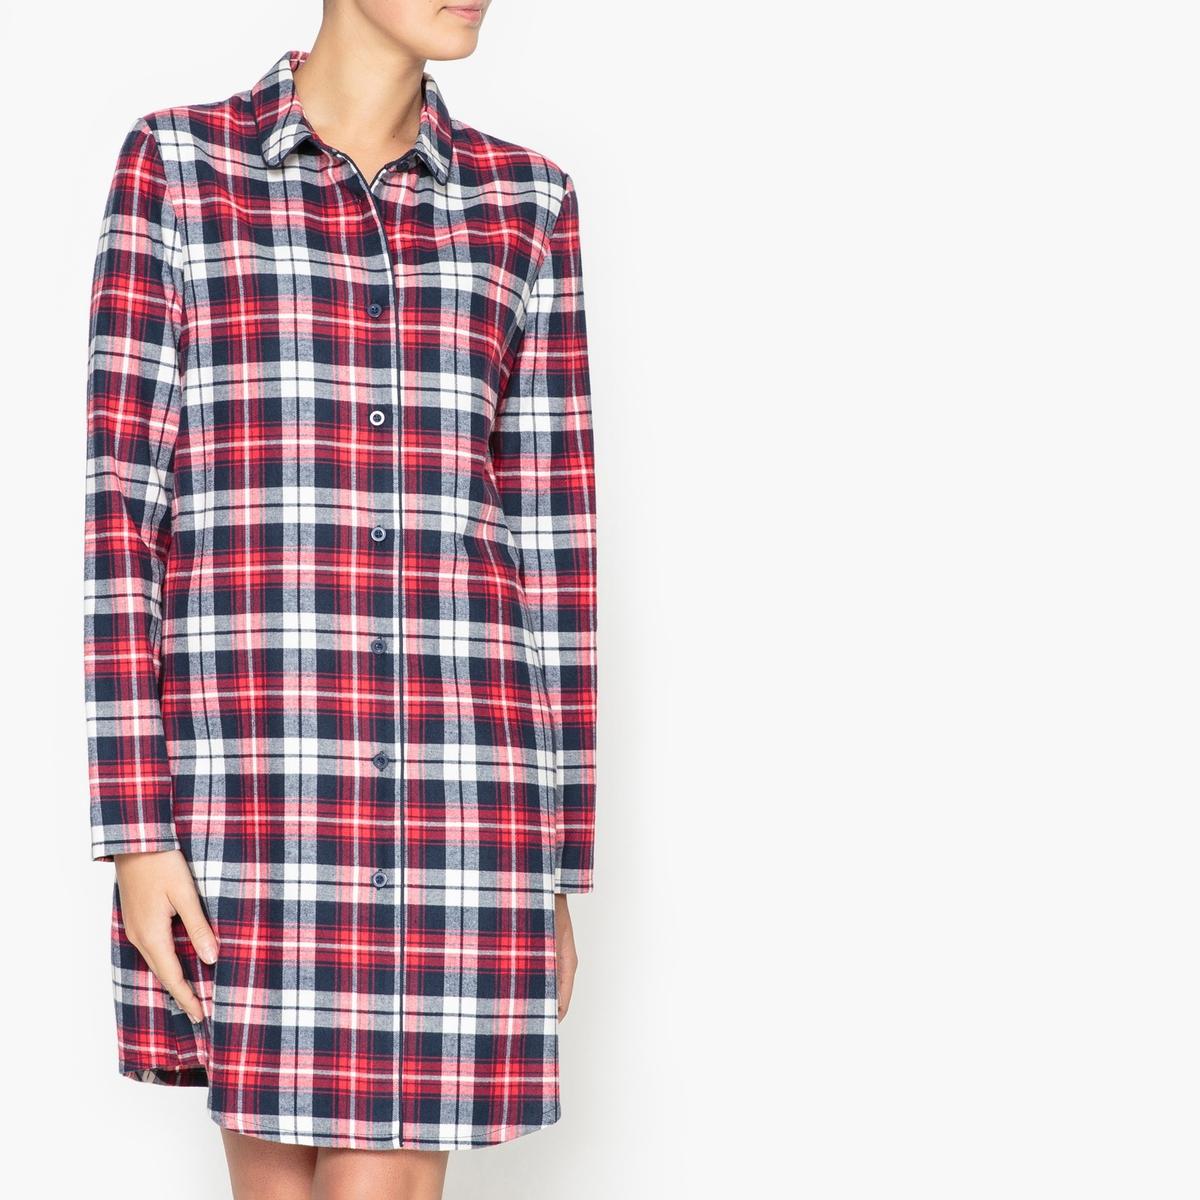 Сорочка ночная в форме рубашкиНочная сорочка в стиле рубашки с рисунком в клетку R Essentiel.Фланелевая ночная сорочка в клетку в винтажном стиле, прямой покрой. Воротник, застежка на пуговицы, длинные рукава, закругленный низ. Состав и описание : Материал : 100% хлопокДлина :Верх: 92 смМарка : R Essentiel.Уход:Машинная стирка при 30 °С на деликатном режиме с вещами схожих цветов.Стирать, сушить и гладить с изнаночной стороны на низкой температуре.<br><br>Цвет: в клетку<br>Размер: 36 (FR) - 42 (RUS).44 (FR) - 50 (RUS).52 (FR) - 58 (RUS).42 (FR) - 48 (RUS).50 (FR) - 56 (RUS).40 (FR) - 46 (RUS)